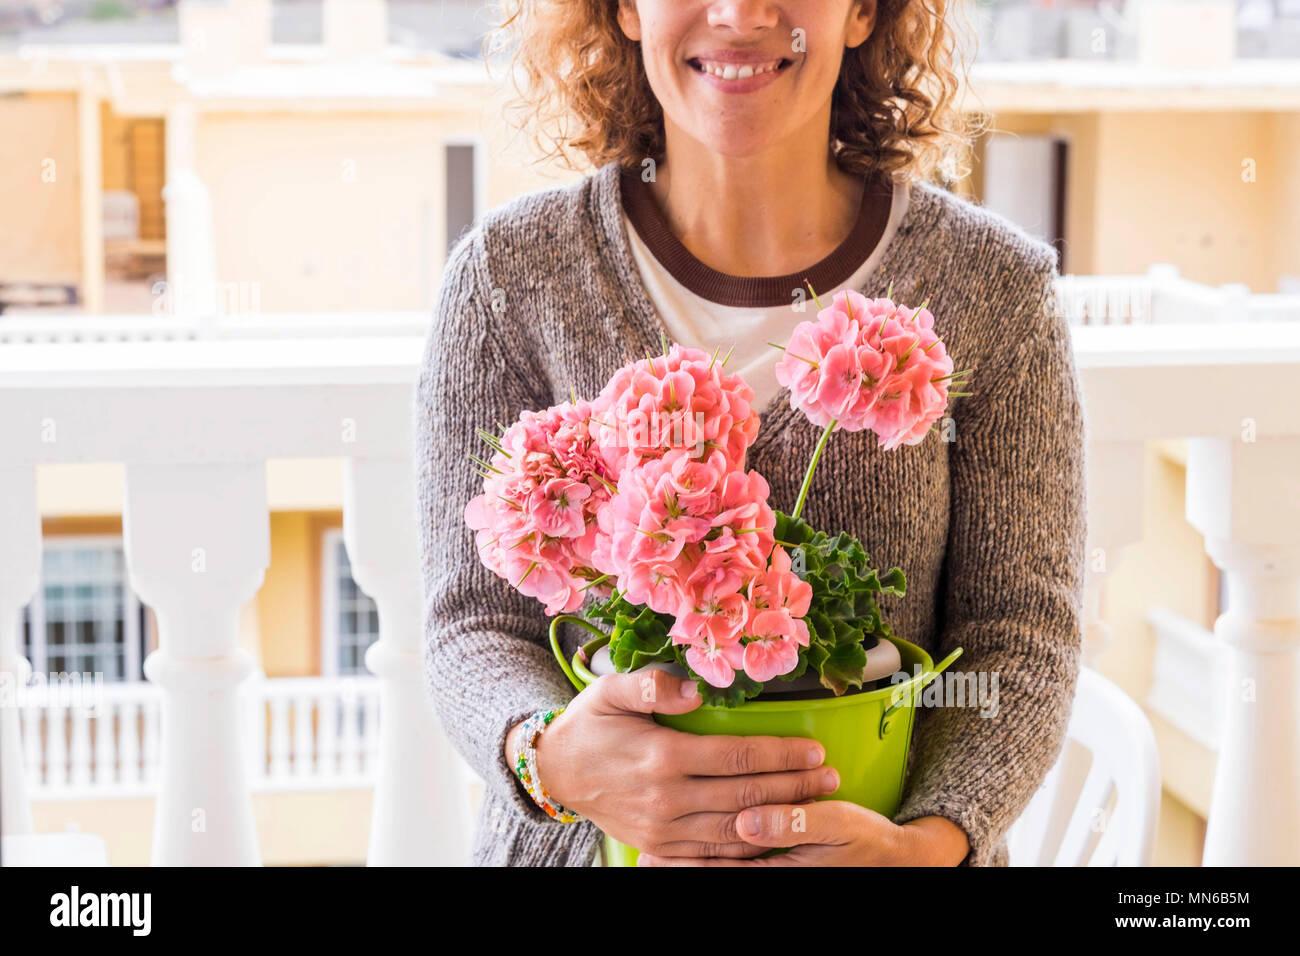 Hermosa mujer caucásica edad media sonrisa y proteger sus flores teniendo cuidado de ellos con un abrazo. terraza en casa escena con colores de sprin Imagen De Stock